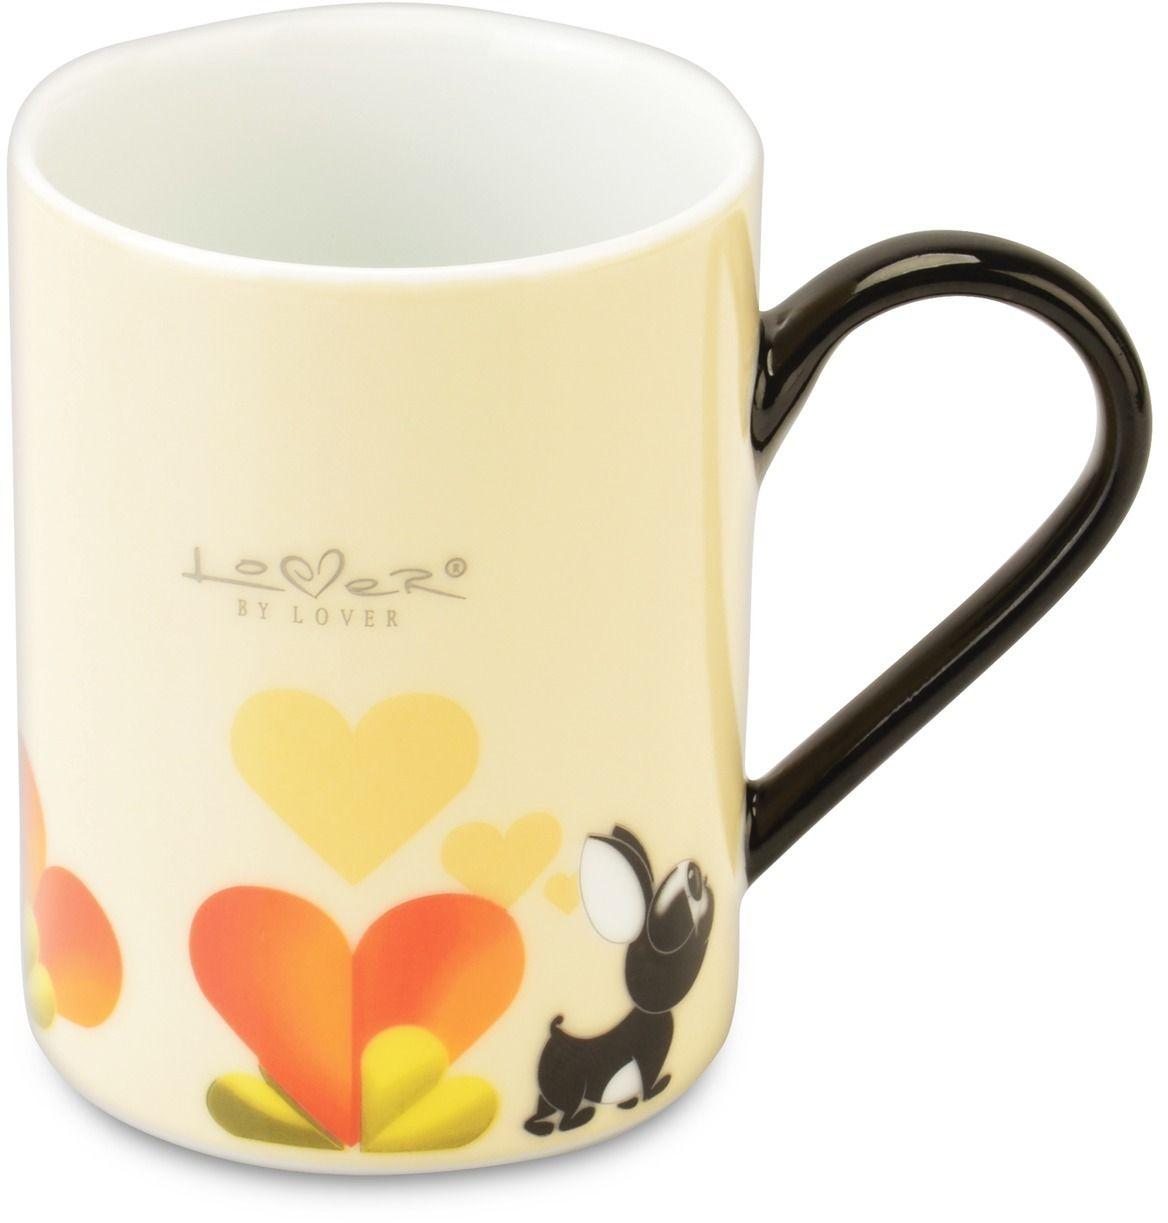 Набор кружек BergHOFF Lover by Lover, цвет: желтый, 300 мл, 2 шт3800012Набор BergHOFF Lover by Lover состоит из двух кружек с ручками, выполненных из высококачественного фарфора. Изделия можно мыть в посудомоечной машине. Подходят для использования в микроволновой печи. Диаметр кружки (по верхнему краю): 7,5 см. Объем кружки: 300 мл.В комплекте: 2 кружки.